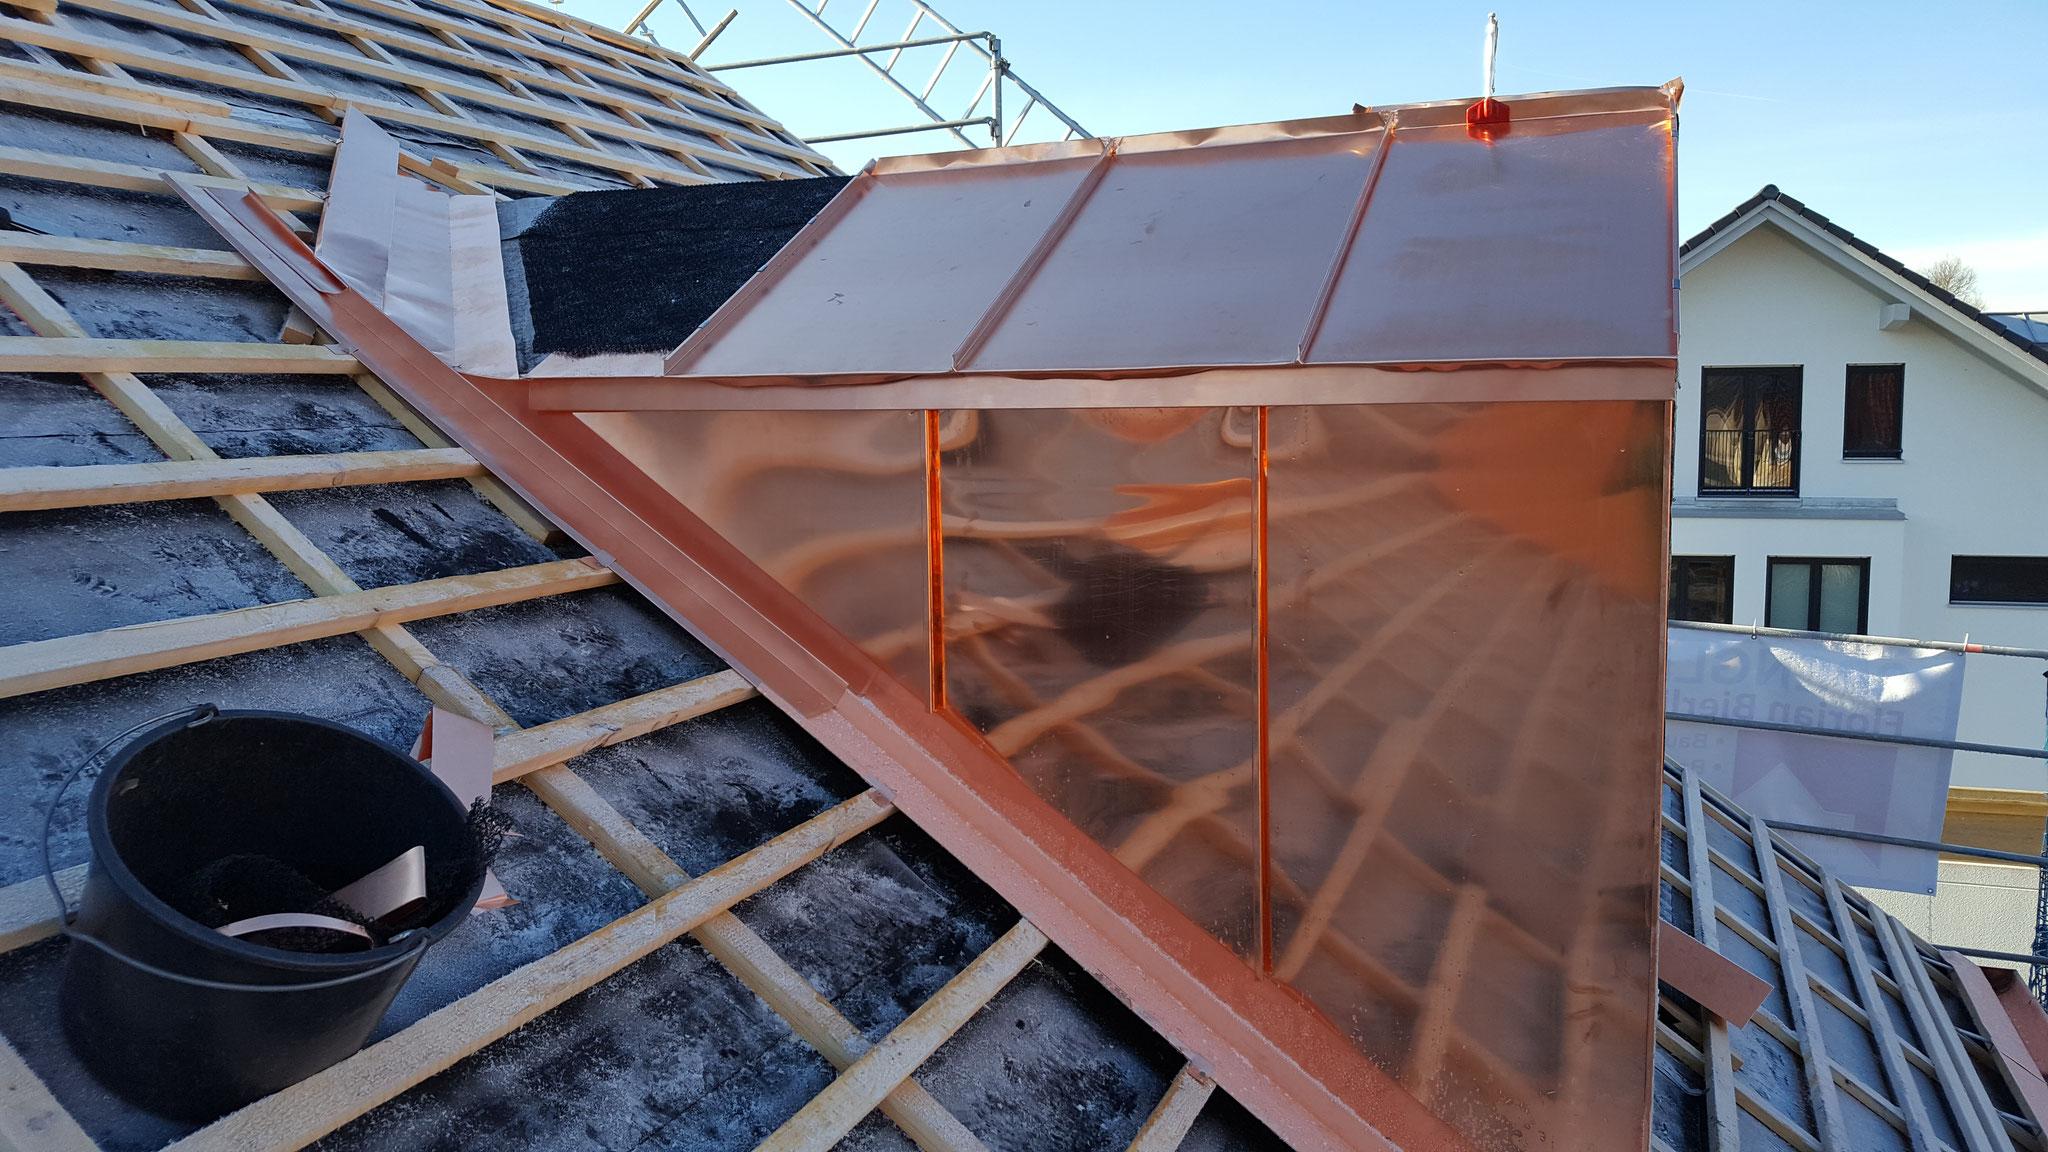 Dachgaubenverblechung aus Kupfer